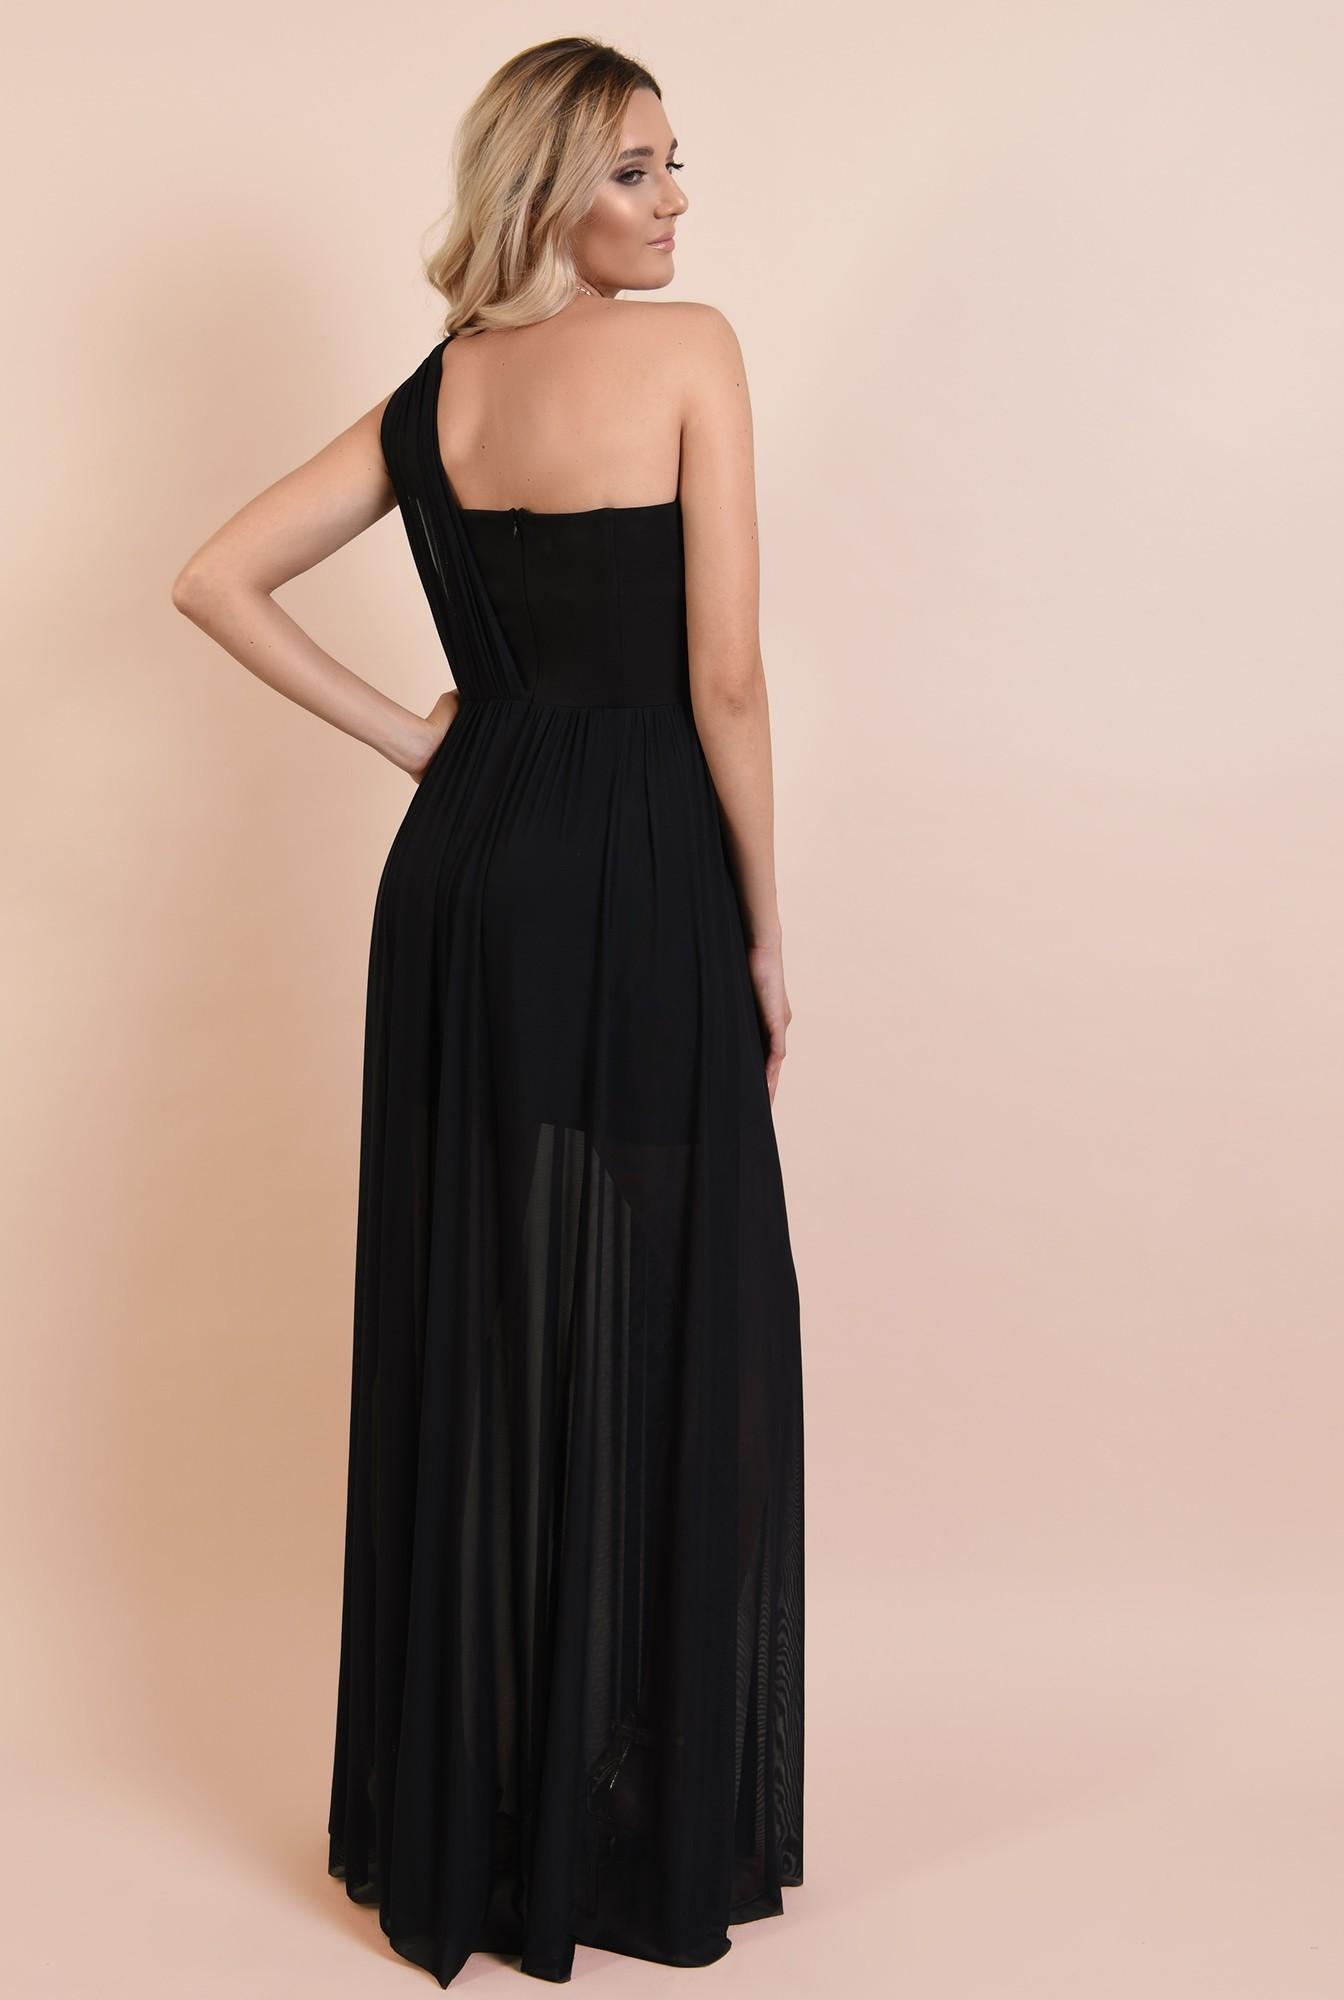 1 - rochie eleganta, decolteu inima, croi evazat, fusta transparenta